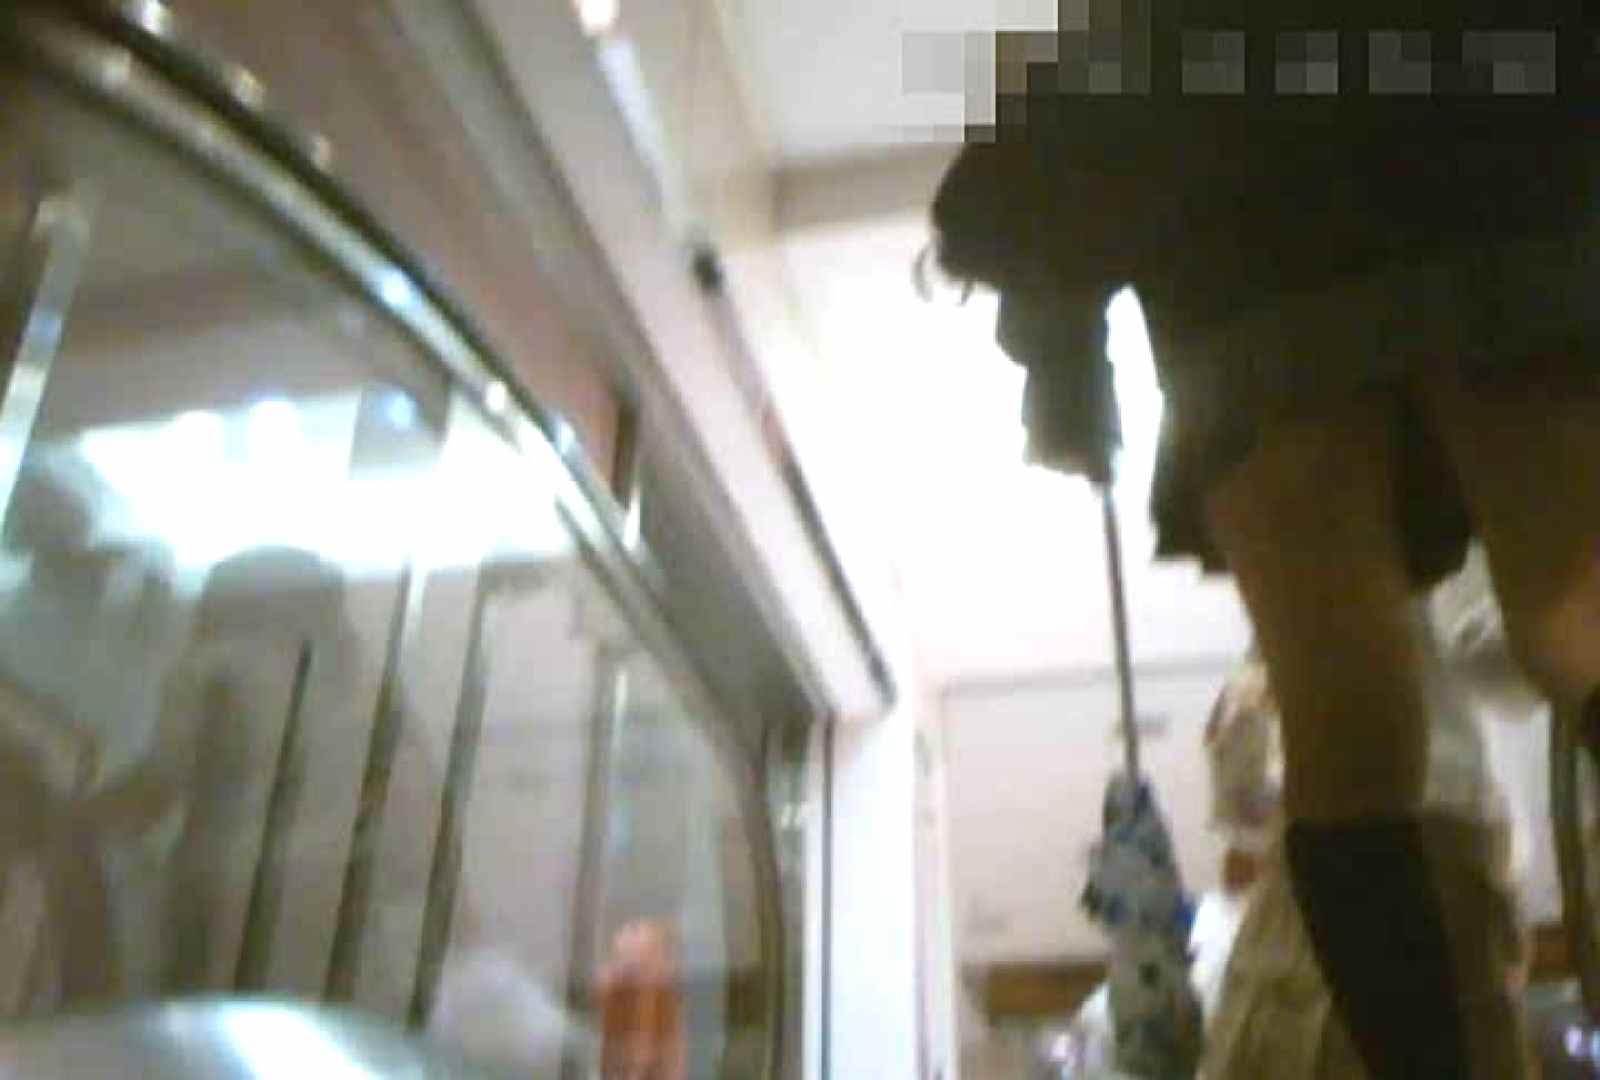 「チキン男」さんの制服ウォッチングVol.2 制服フェチへ ワレメ無修正動画無料 87画像 8